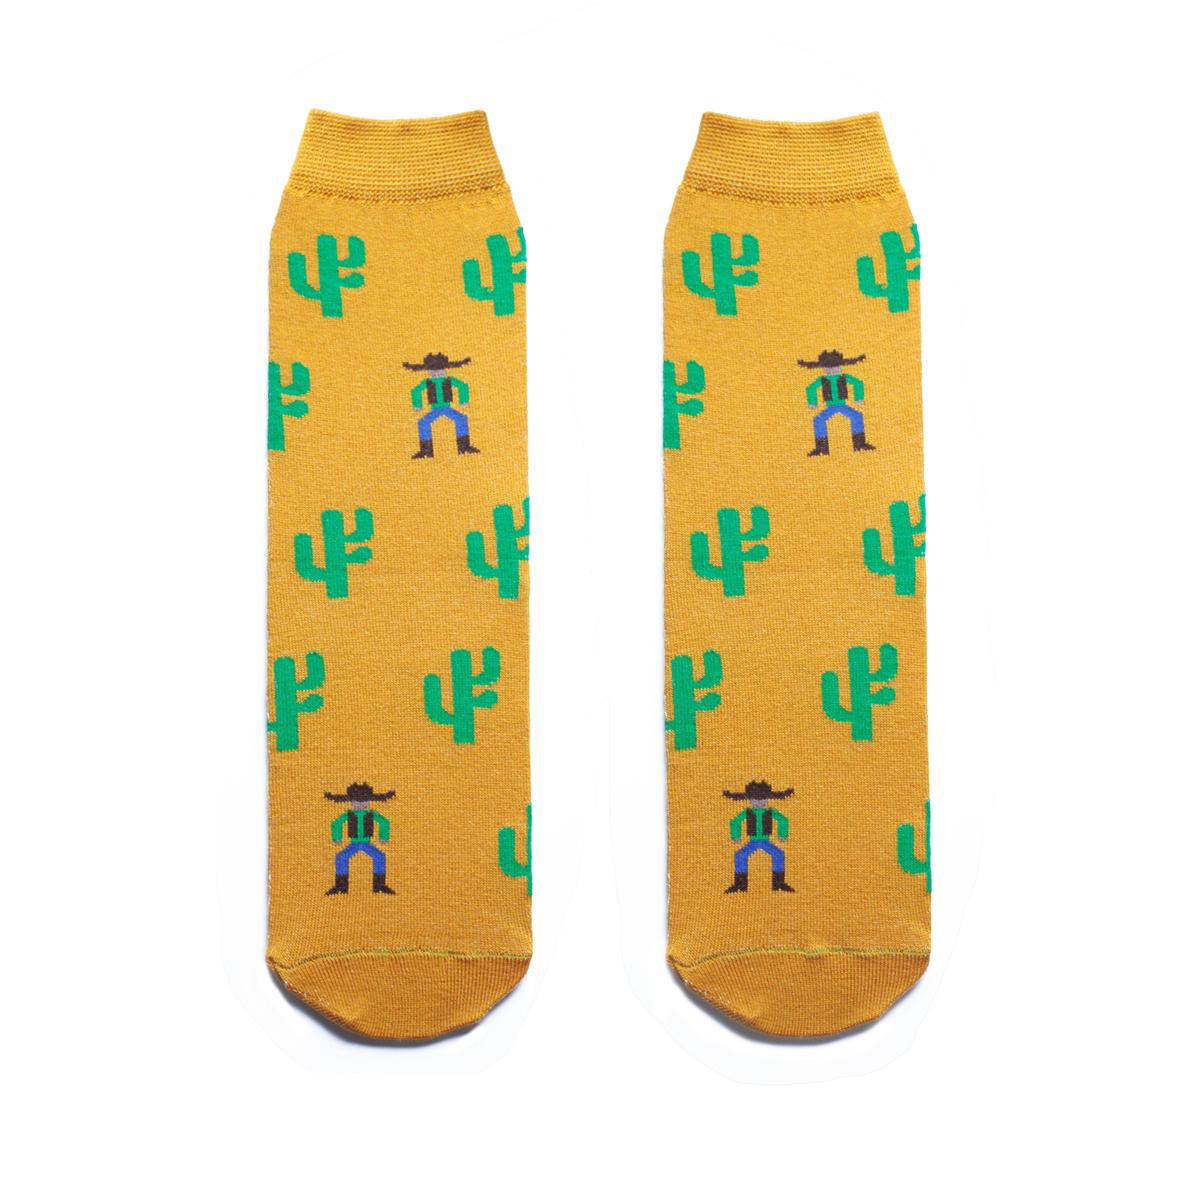 Носки мужские Big Bang Socks, цвет: горчичный, зеленый. s2131. Размер 40/44s2131Мужские носки Big Bang Socks изготовлены из высококачественного хлопка с добавлением полиамидных и эластановых волокон, которые обеспечивают великолепную посадку. Носки отличаются ярким стильным дизайном, они оформлены изображением кактусов и ковбоев. Удобная широкая резинка идеально облегает ногу и не пережимает сосуды, усиленные пятка и мысок повышают износоустойчивость носка, а удлиненный паголенок придает более эстетичный вид. Дизайнерские носки Big Bang Socks - яркая деталь в вашем образе и оригинальный подарок для друзей и близких.